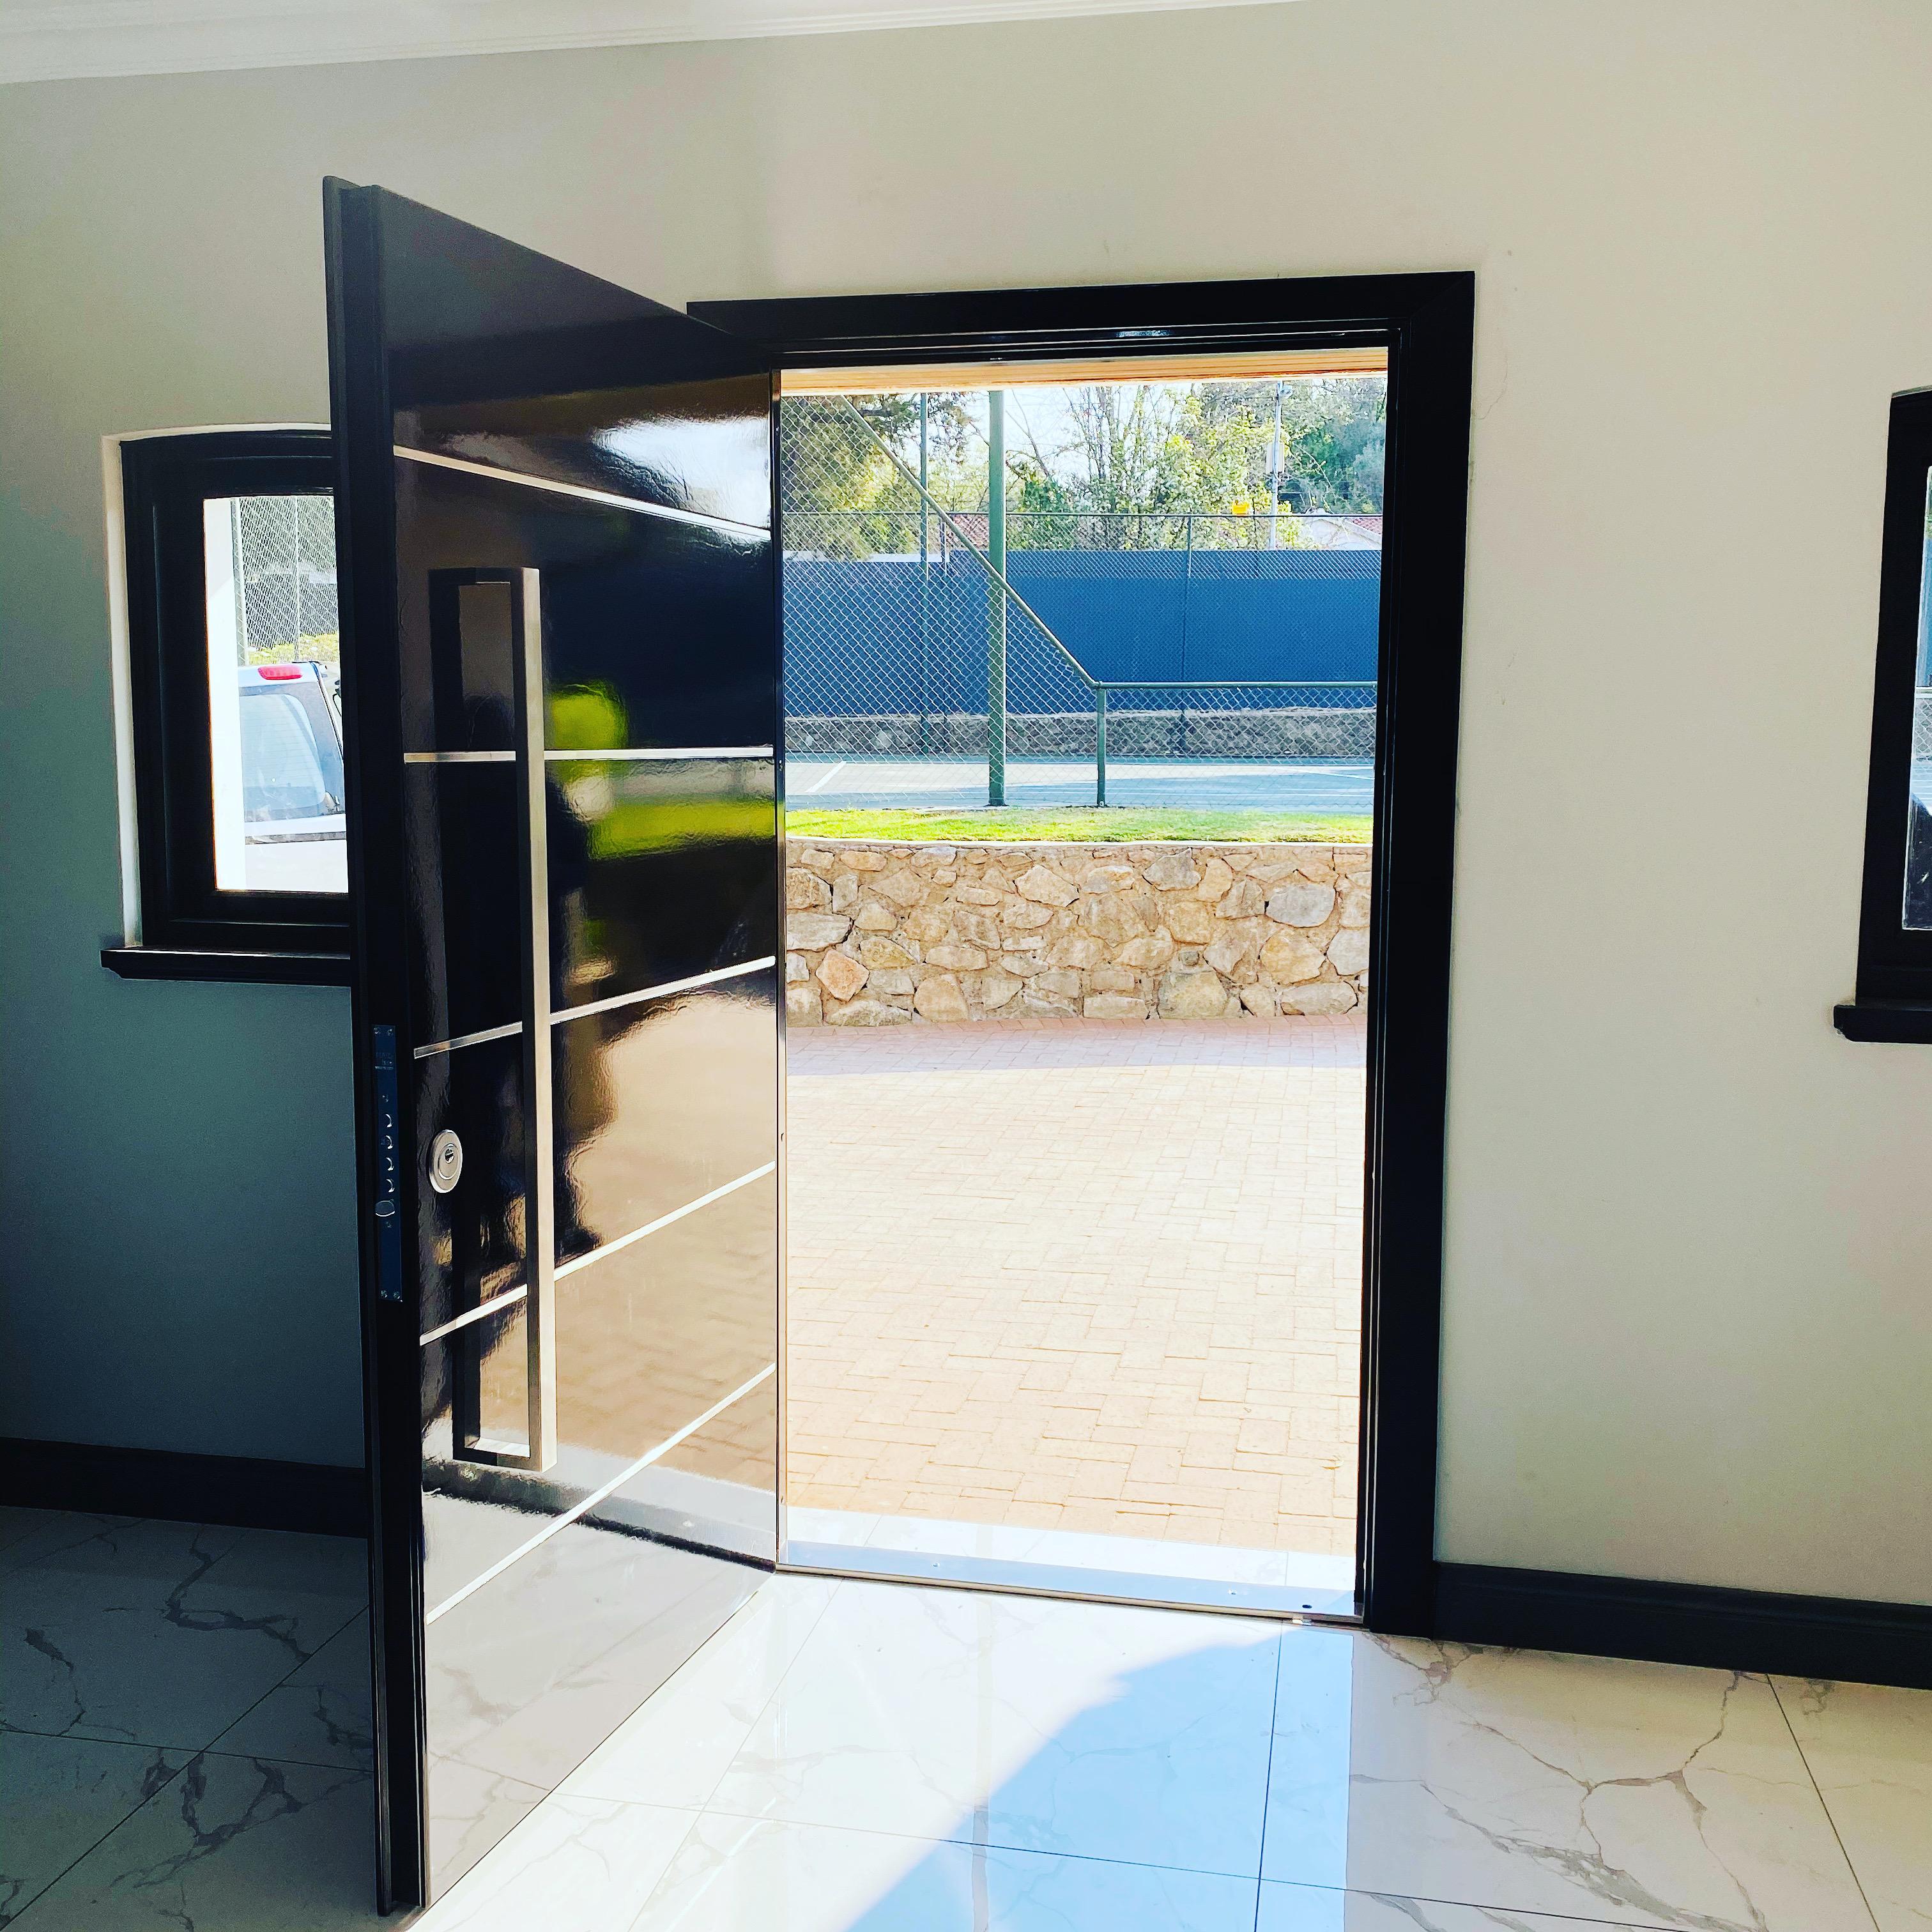 High Gloss security door